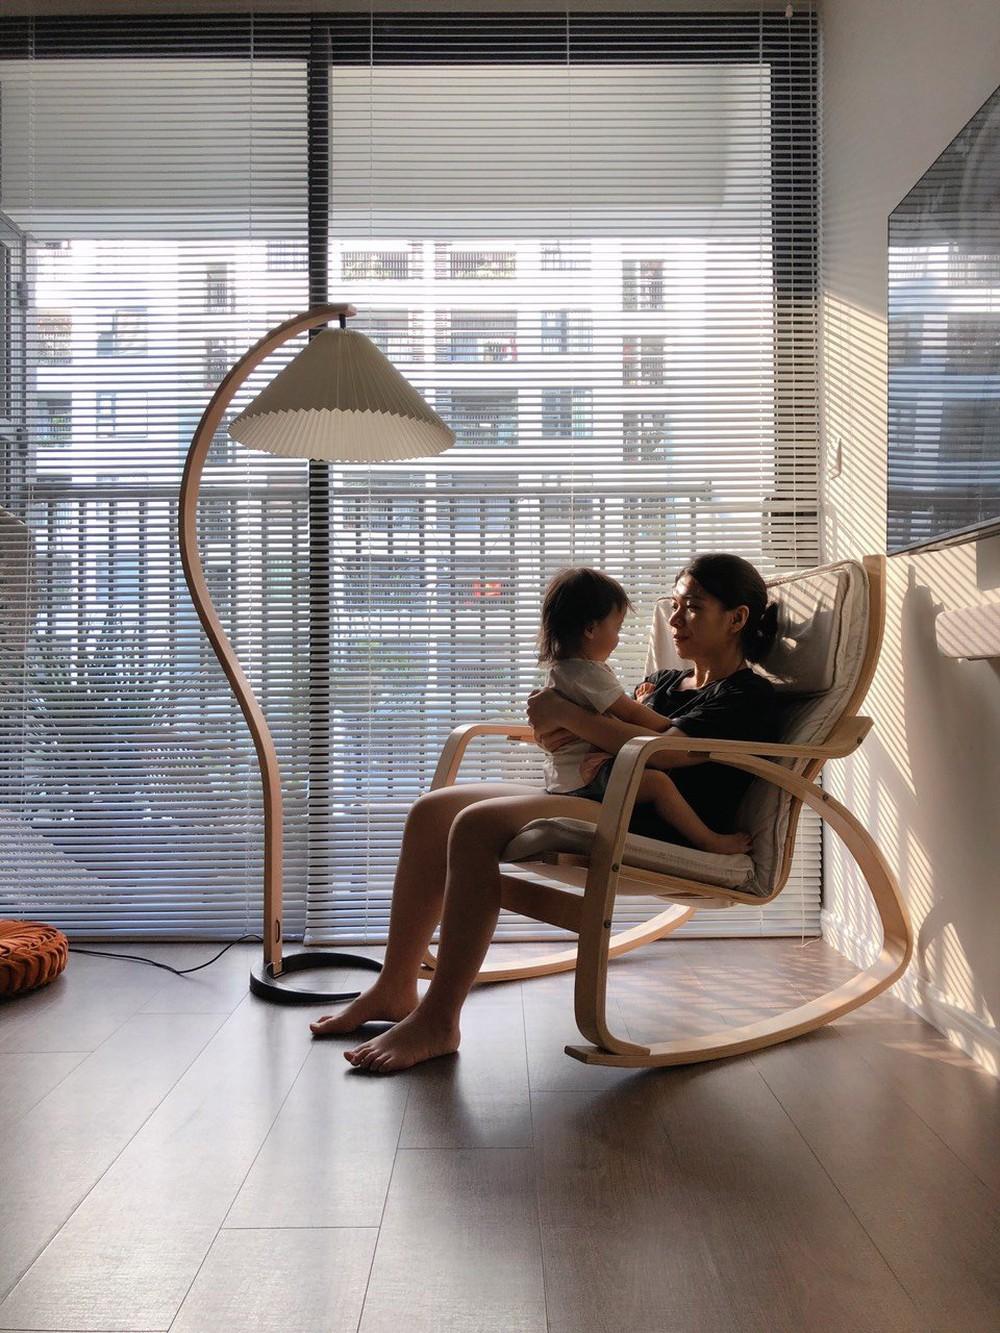 Căn hộ 76m2 với toàn đồ nội thất hàng tuyển: Combo đèn Caprani và ghế Poang vừa chill vừa art - Ảnh 7.